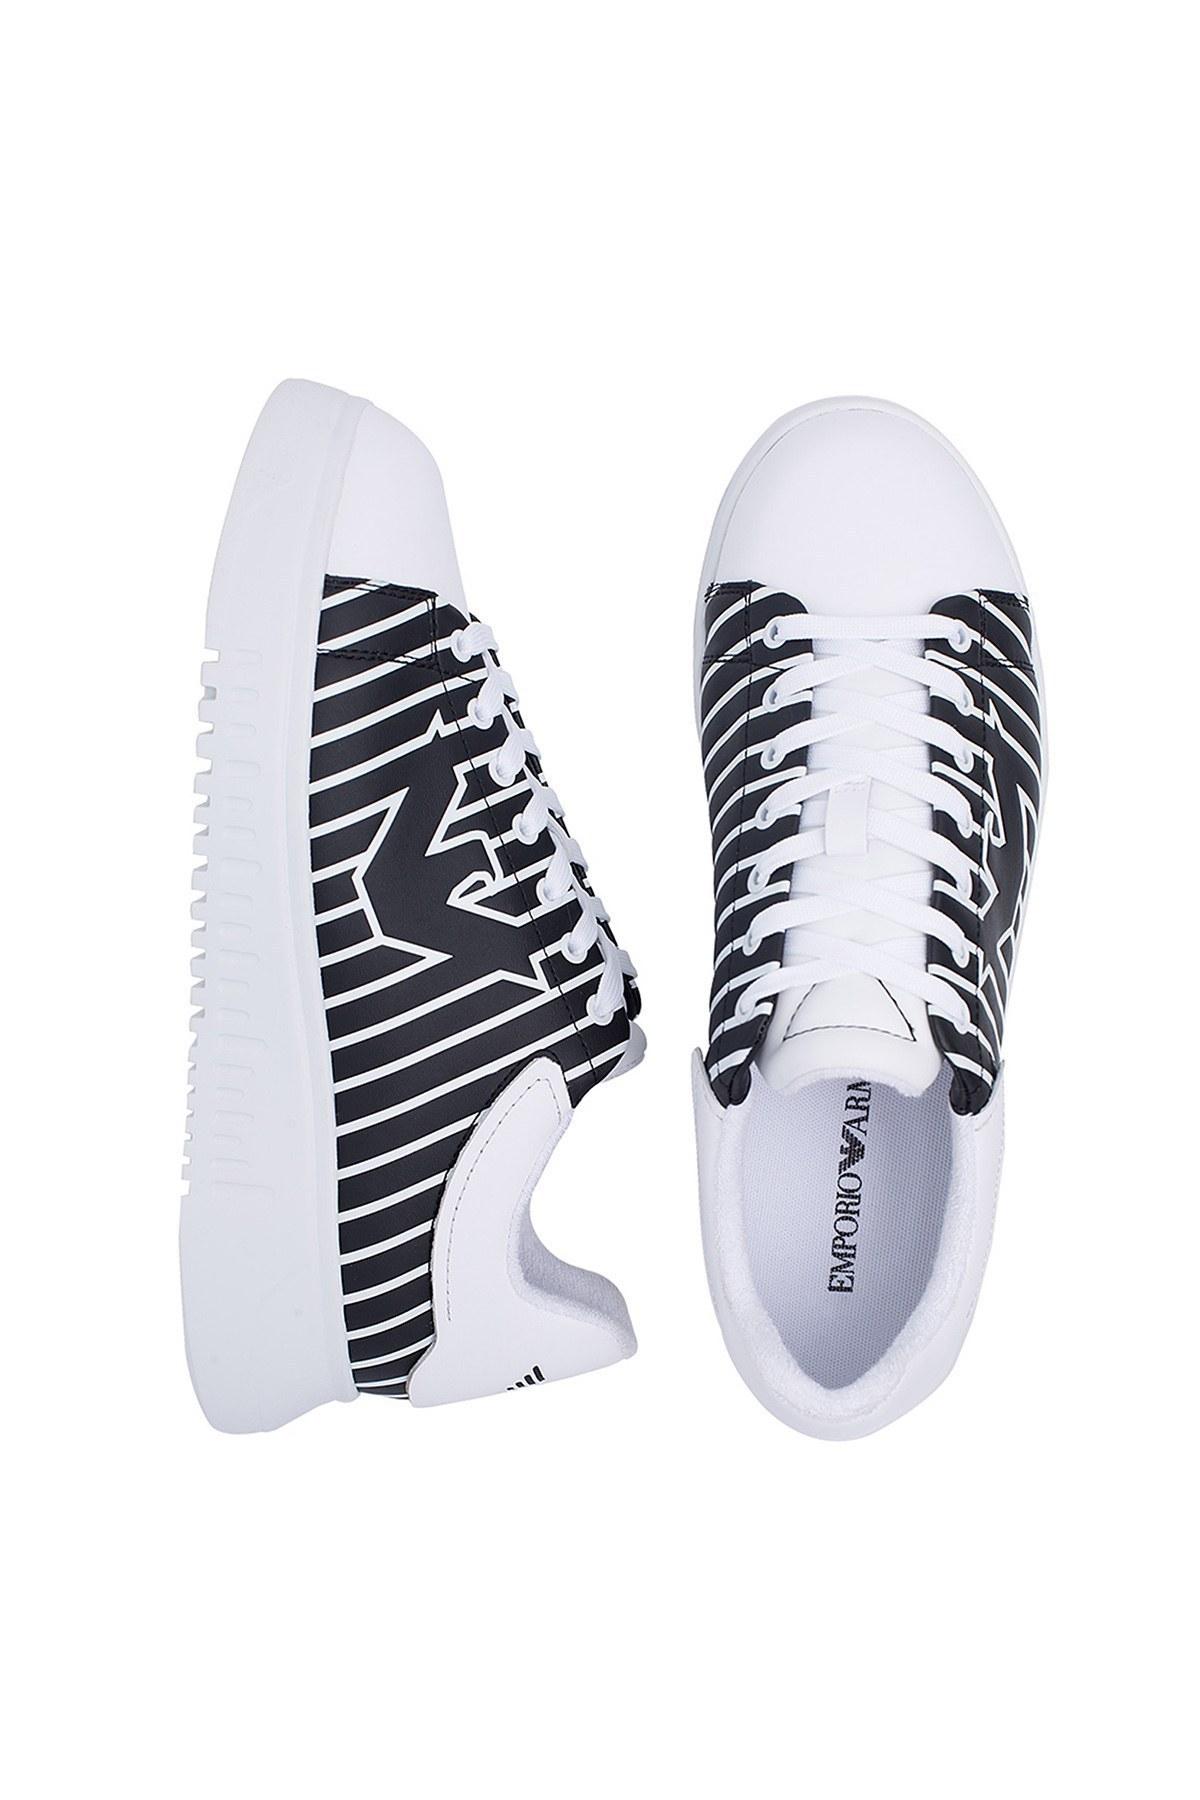 Emporio Armani Erkek Ayakkabı X4X264 XM227 C917 SİYAH-BEYAZ